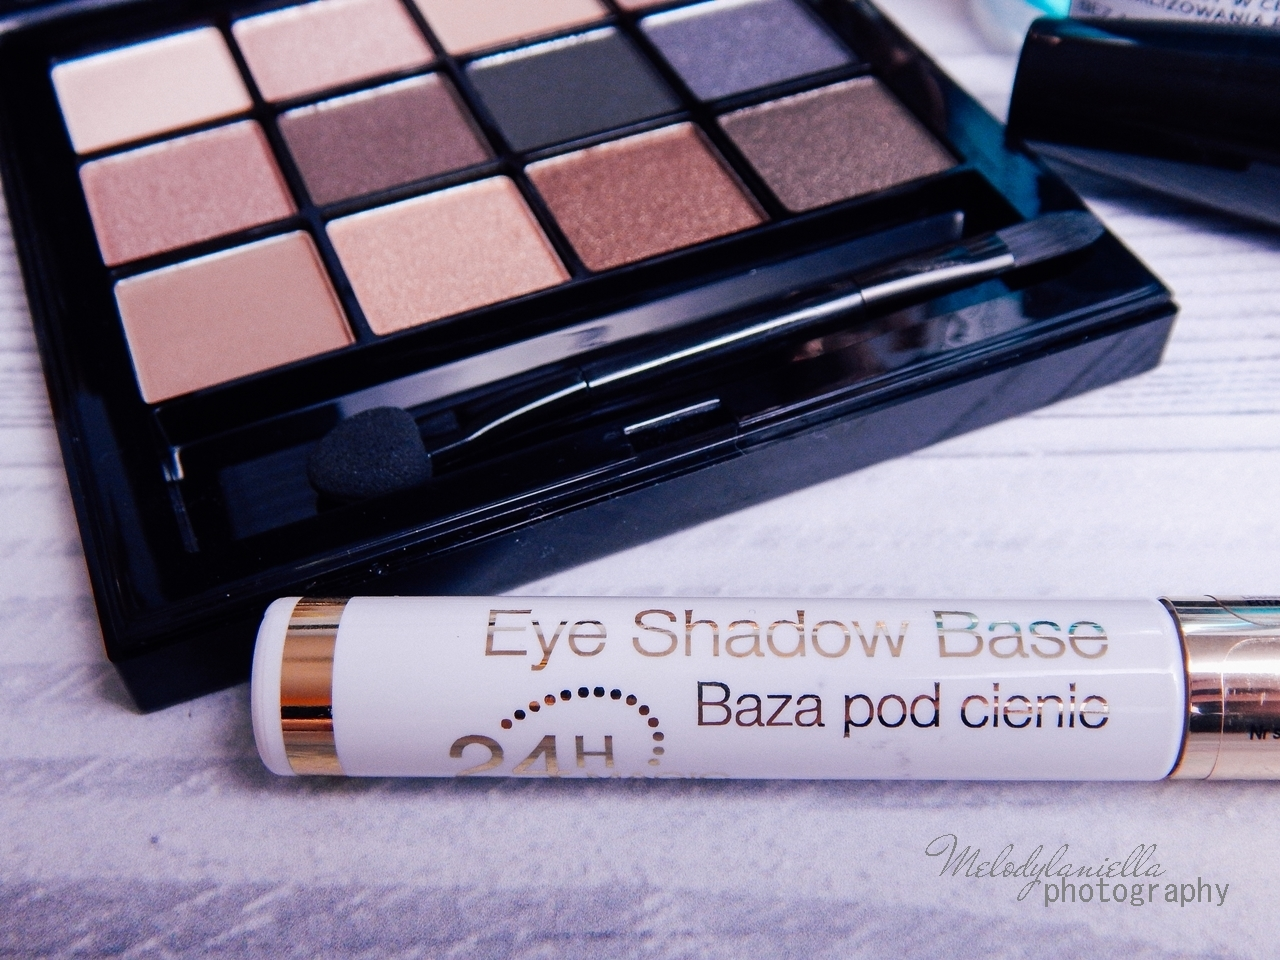 7 eveline cosmetics nude all in one eyeshadow palette melodylaniella recenzja cienie do powiek paletka cieni mascara big volume lash eye shadow base baza pod cienie oczyszczający płyn micelarny test